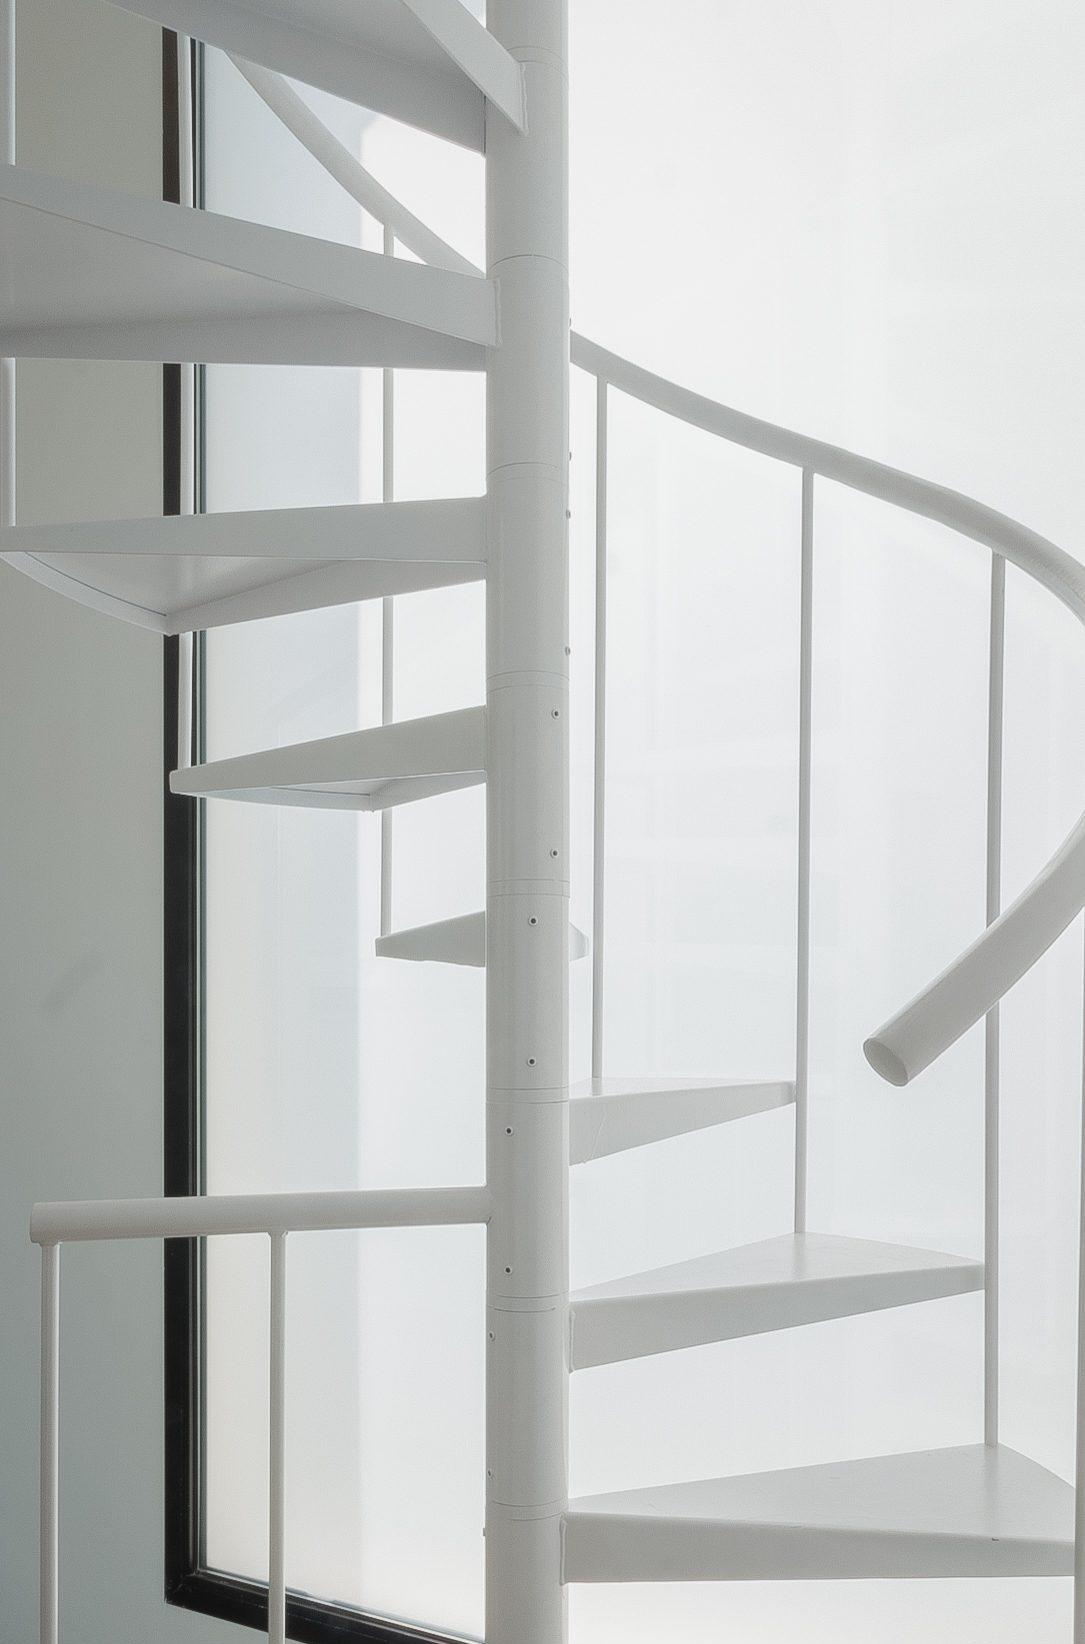 EScalera de metal blanca de caracol con gran vemntanal que la ilumina al lado